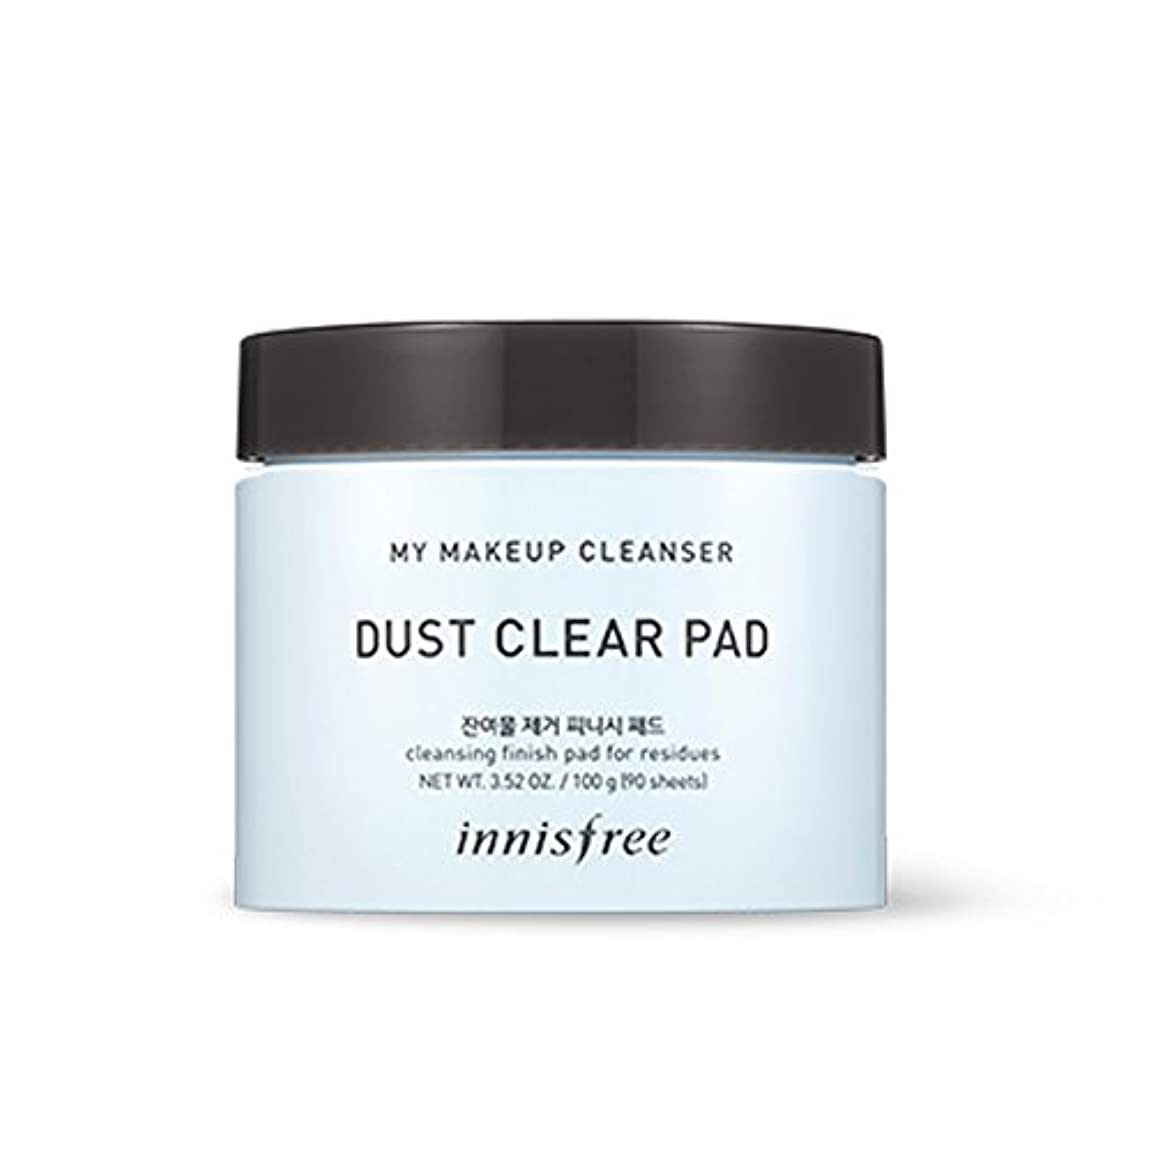 バルセロナ側面香りイニスフリーマイメイクアップクレンザー - ダストクリアパッド90ea x 1個 Innisfree My Makeup Cleanser - Dust Clear Pad 90ea x 1pcs [海外直送品][並行輸入品]